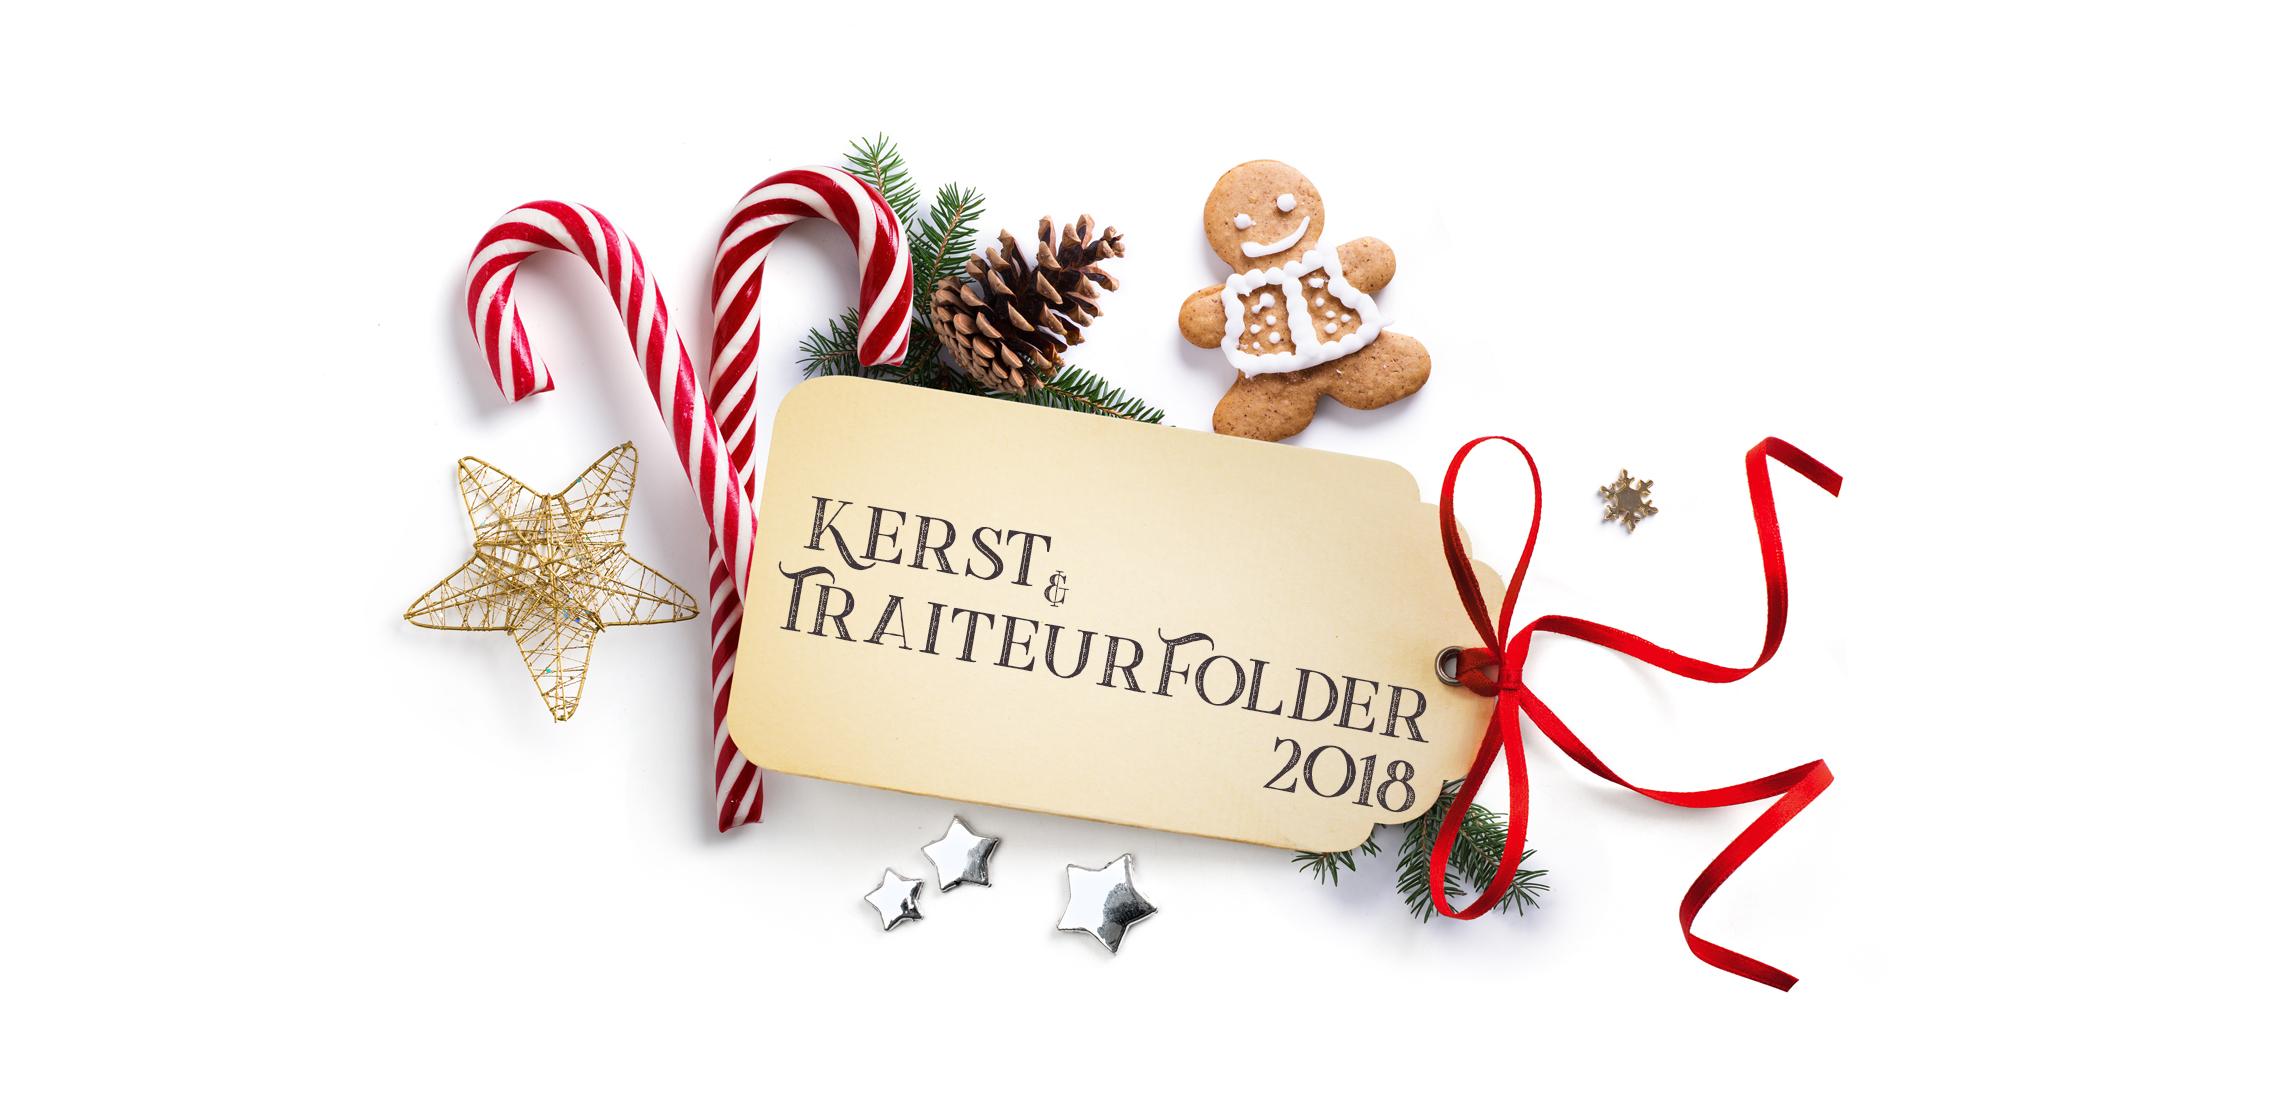 Kerst Traiteurfolder 2018 Carl Bakkerij